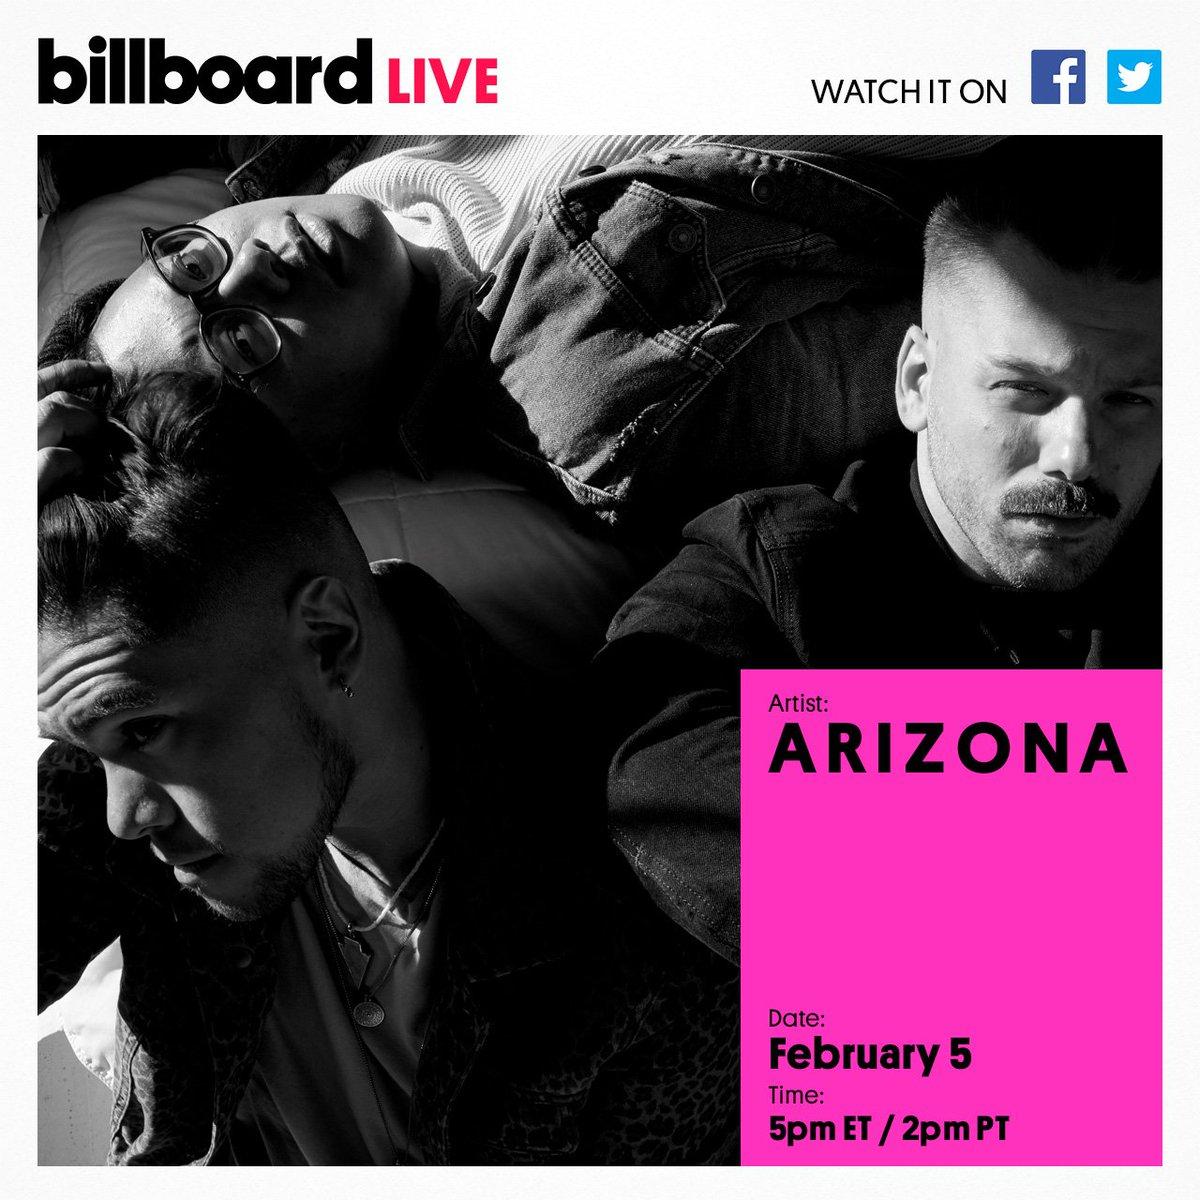 RT @billboard: Don't miss @arizona on #BillboardLive! https://t.co/cCsIUDTCDl